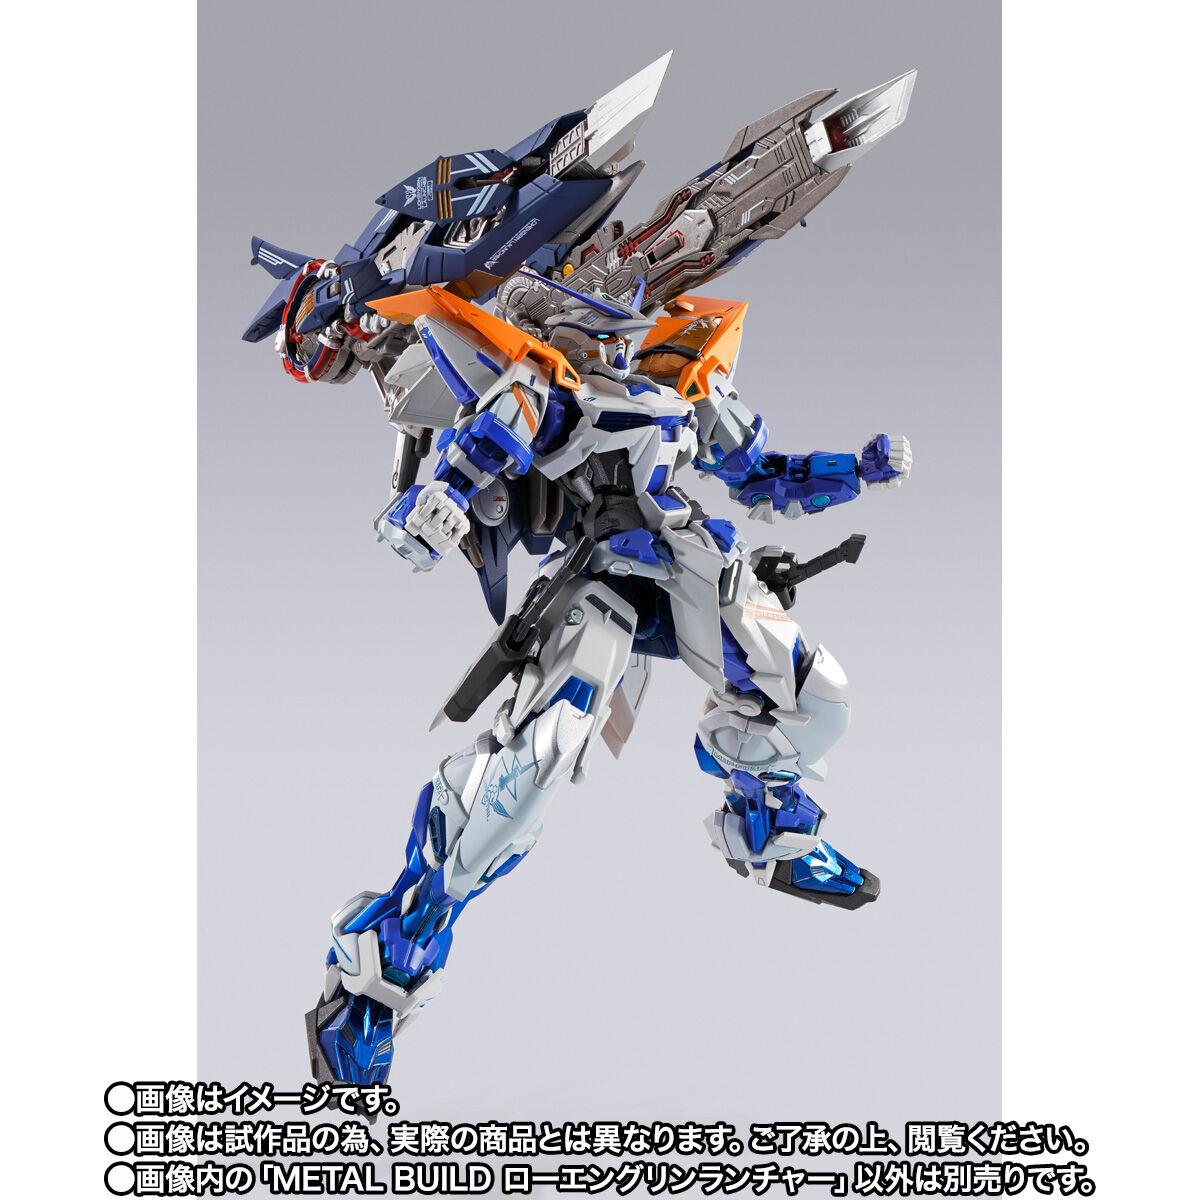 【限定販売】METAL BUILD『ローエングリンランチャー』機動戦士ガンダムSEED ASTRAY 可動フィギュア-005